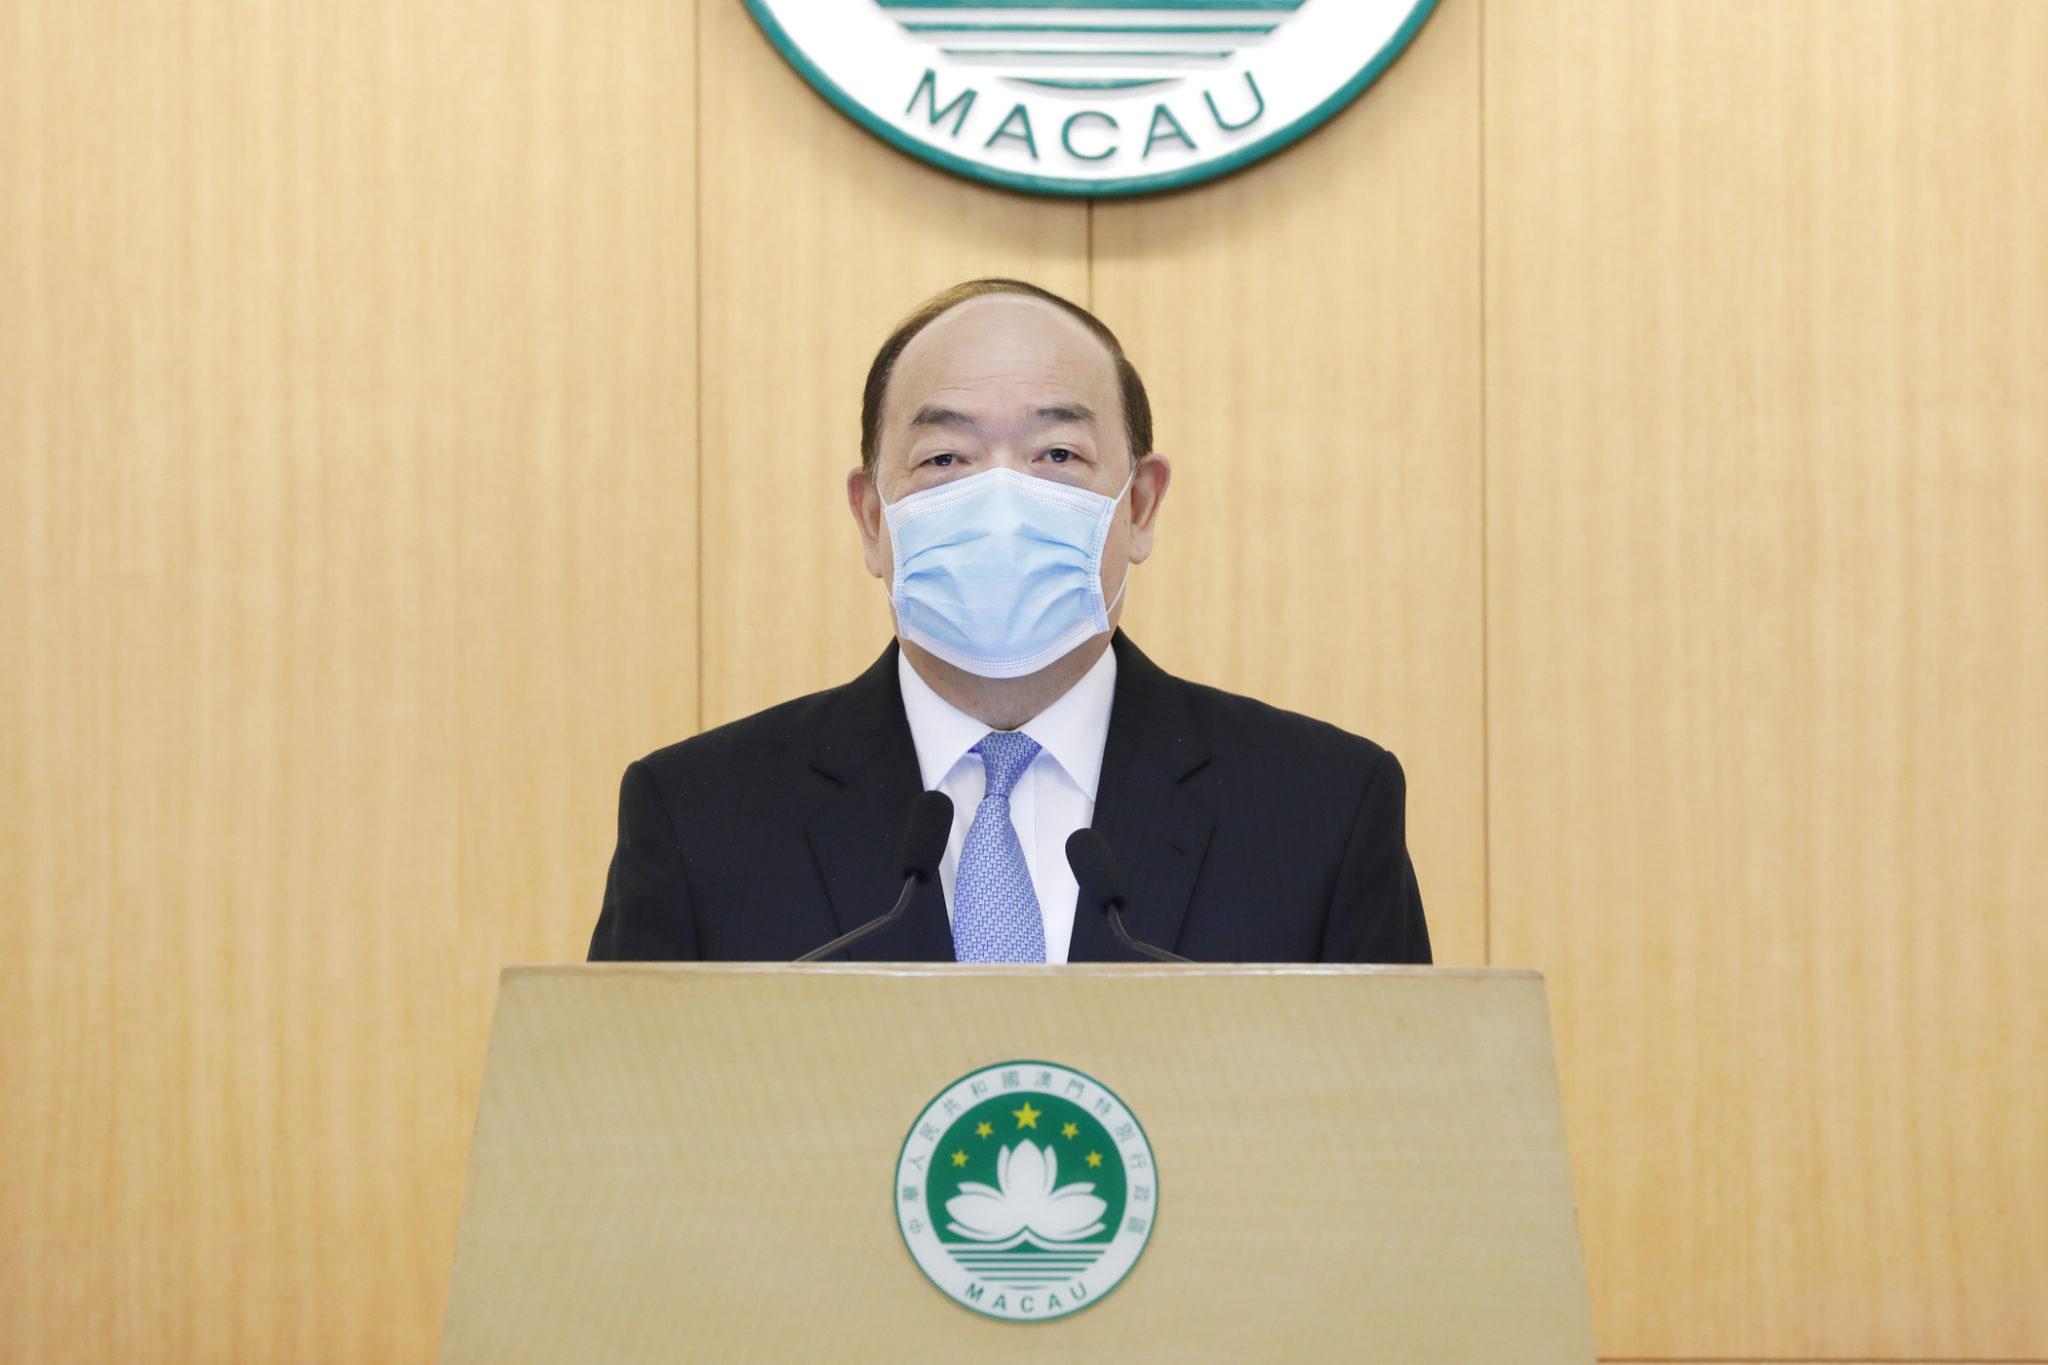 Ho Iat Seng vinca a importância do patriotismo na governação de Macau